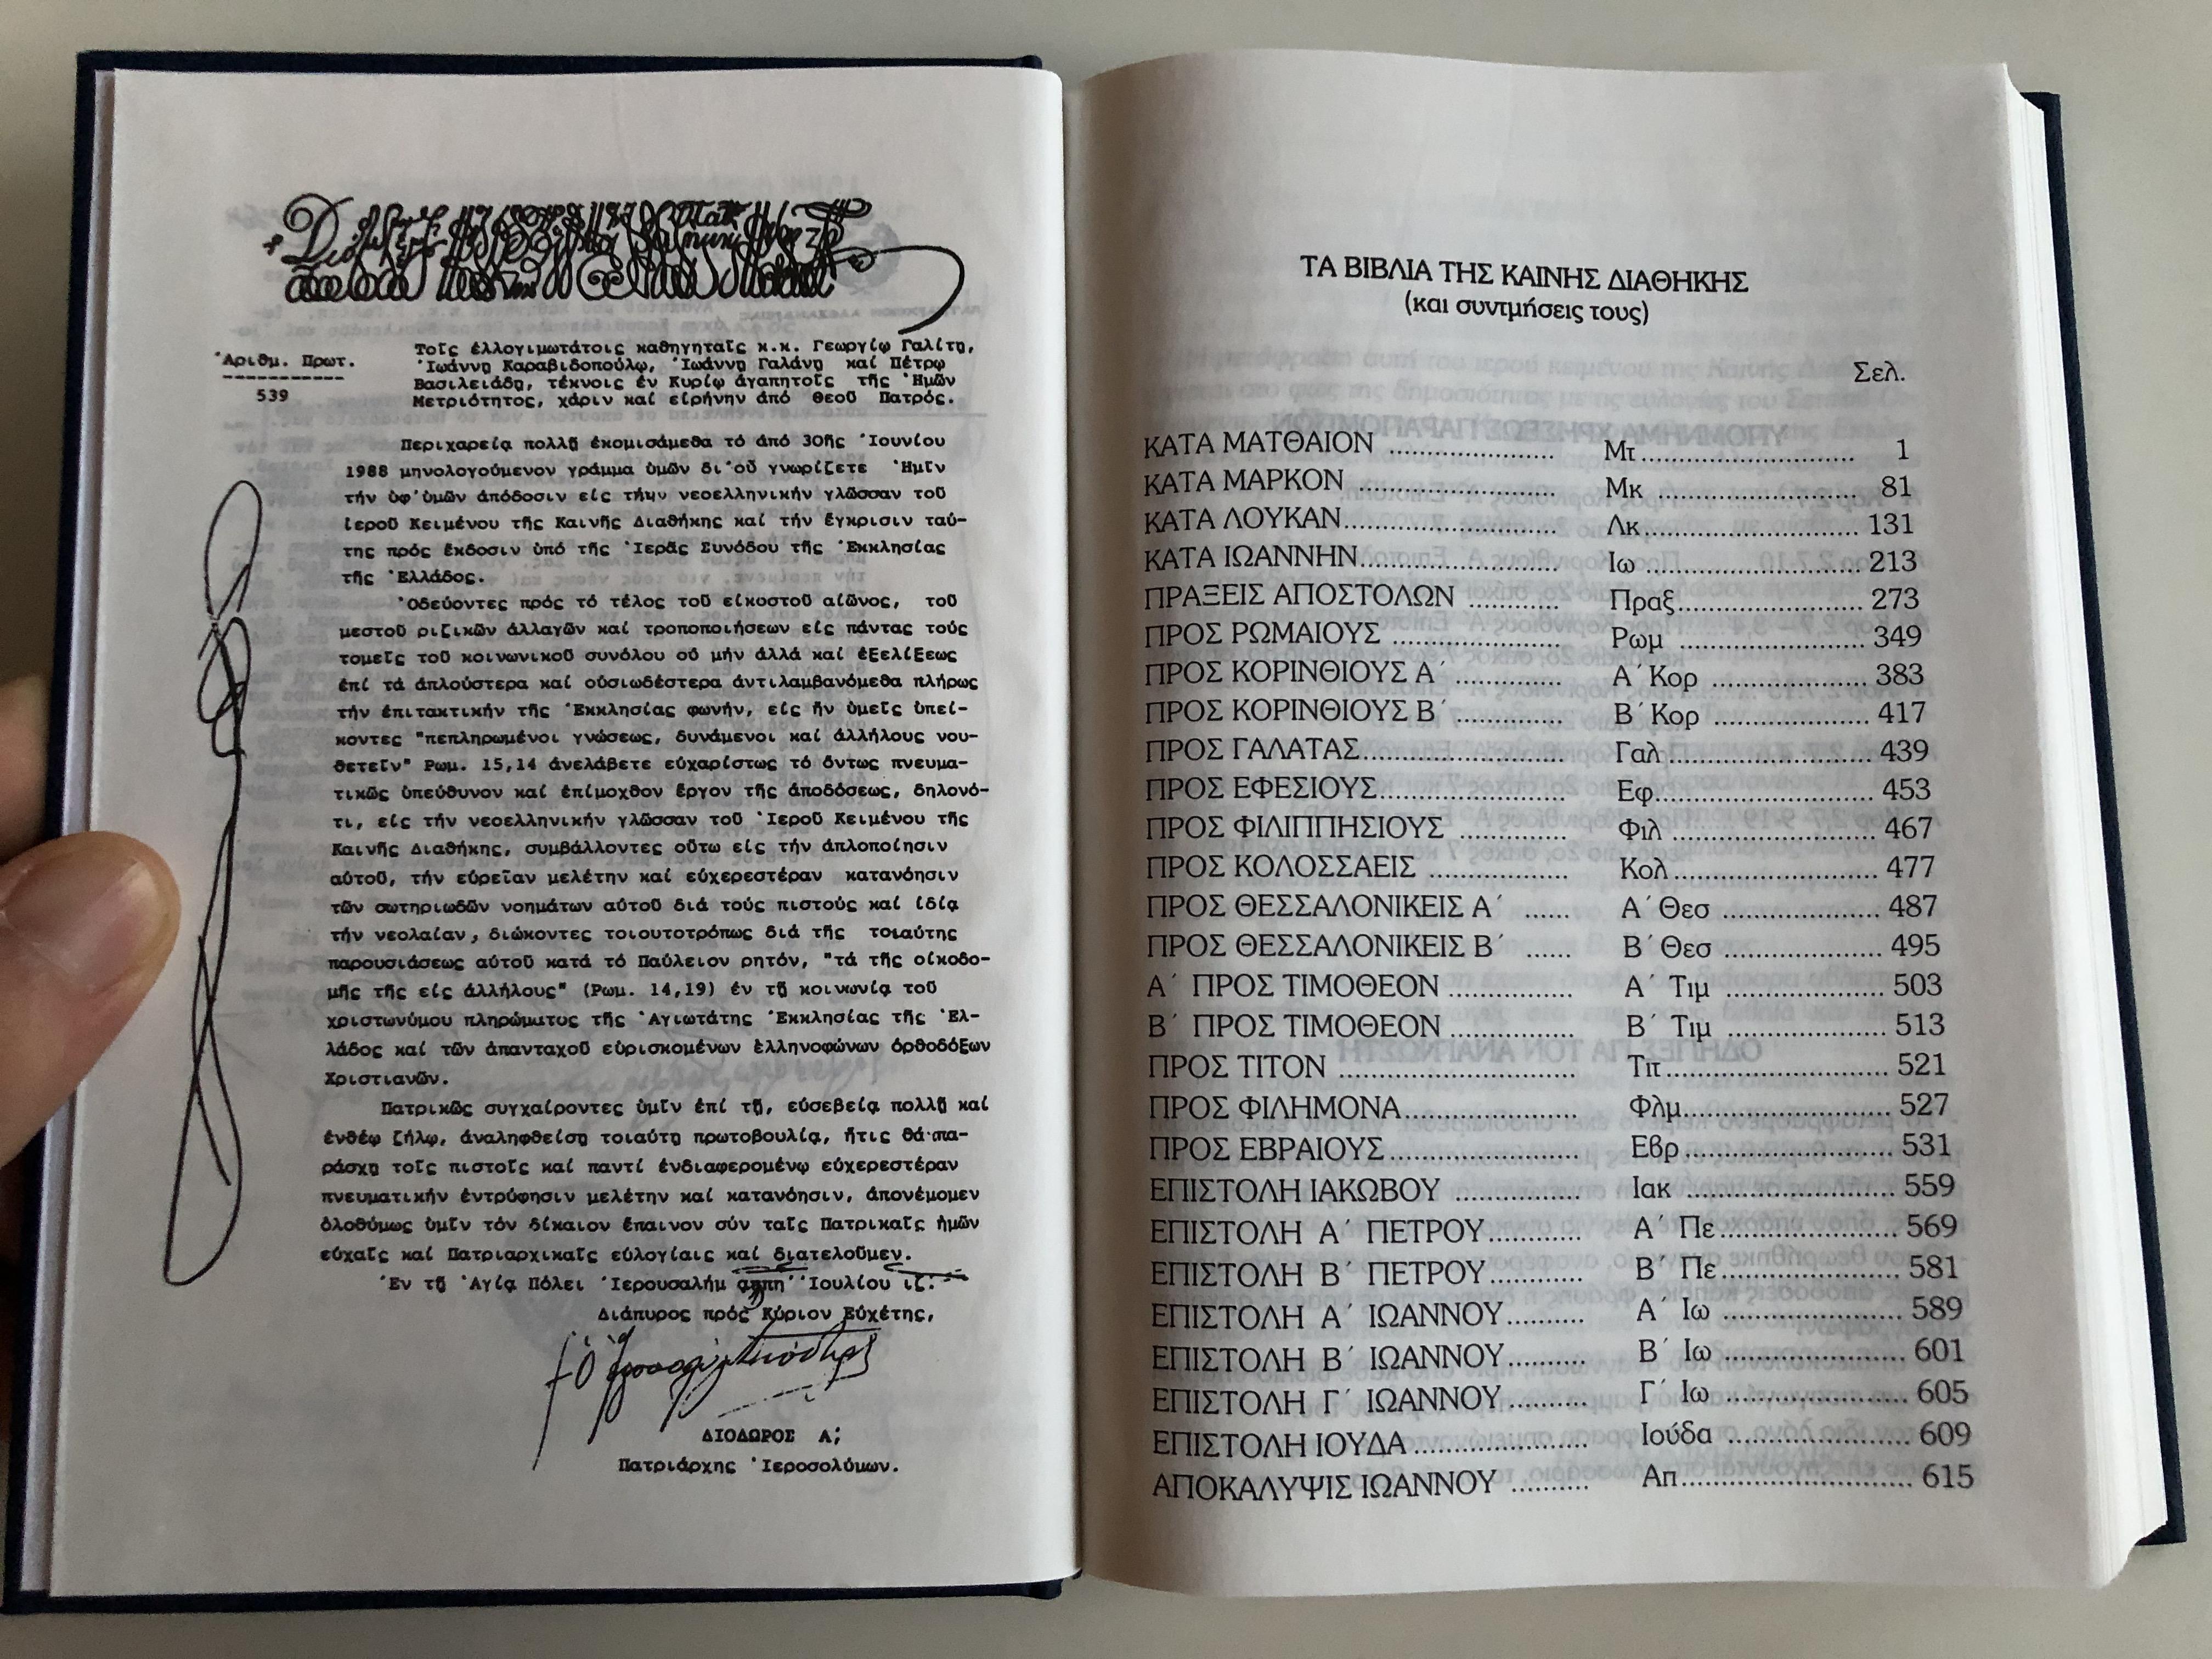 greek-modern-new-testament-greek-bible-society-2009-6.jpg